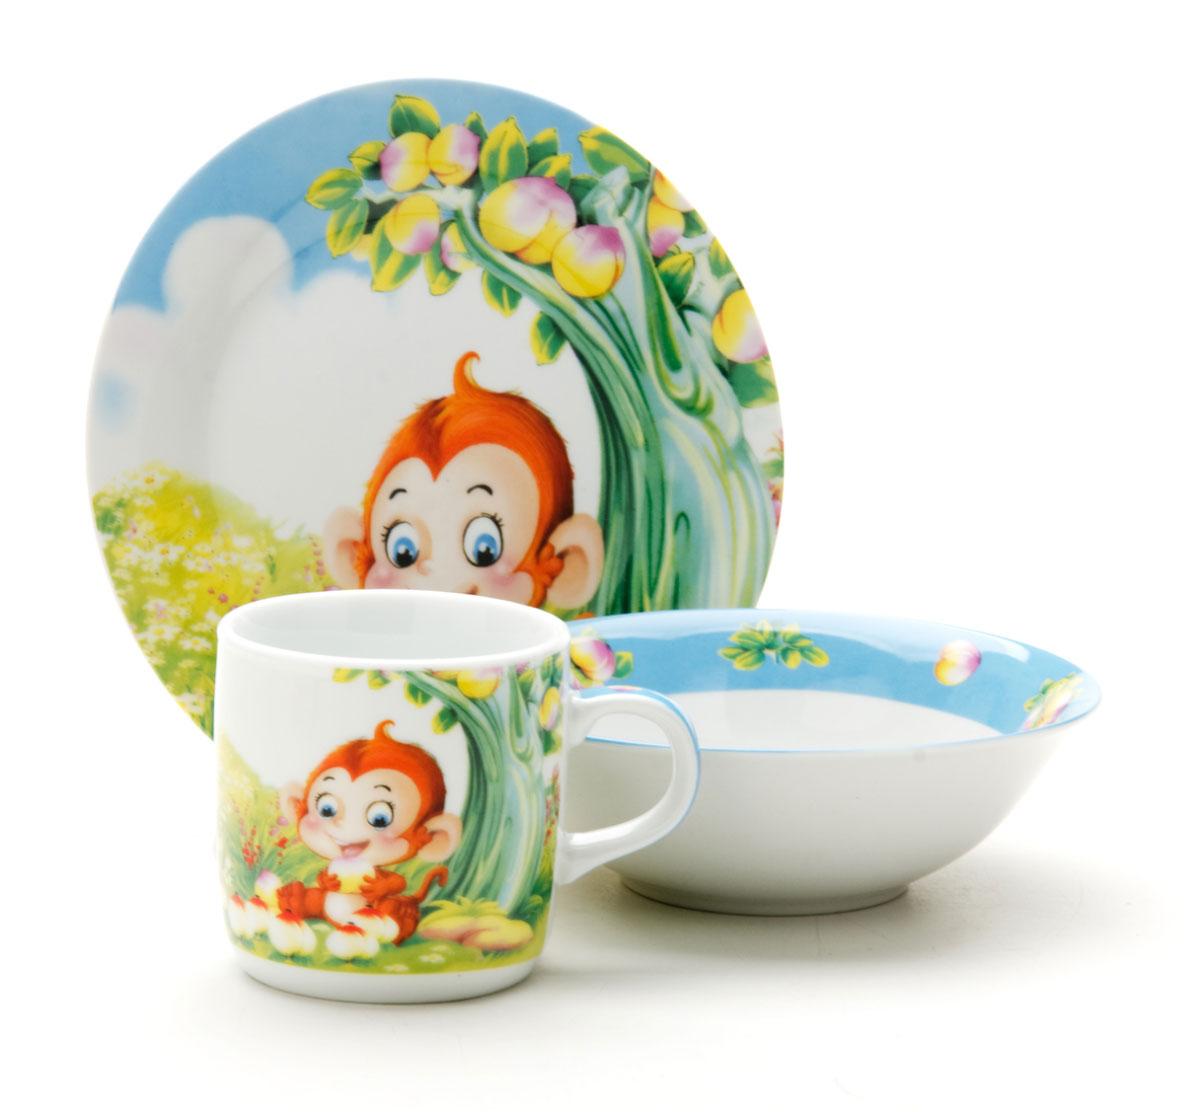 Набор посуды Loraine Обезьянка, 3 предмета25601Набор посуды Обезьянка сочетает в себе изысканный дизайн с максимальной функциональностью.В набор входят суповая тарелка, обеденная тарелка и кружка.Предметы набора выполнены из высококачественной керамики, декорированы красочным рисунком.Благодаря такому набору обед вашего ребенка будет еще вкуснее. Набор упакован в красочную, подарочную упаковку.Диаметр суповой тарелки: 15 см. Диаметр обеденной тарелки: 17,5 см. Объем кружки: 230 мл.